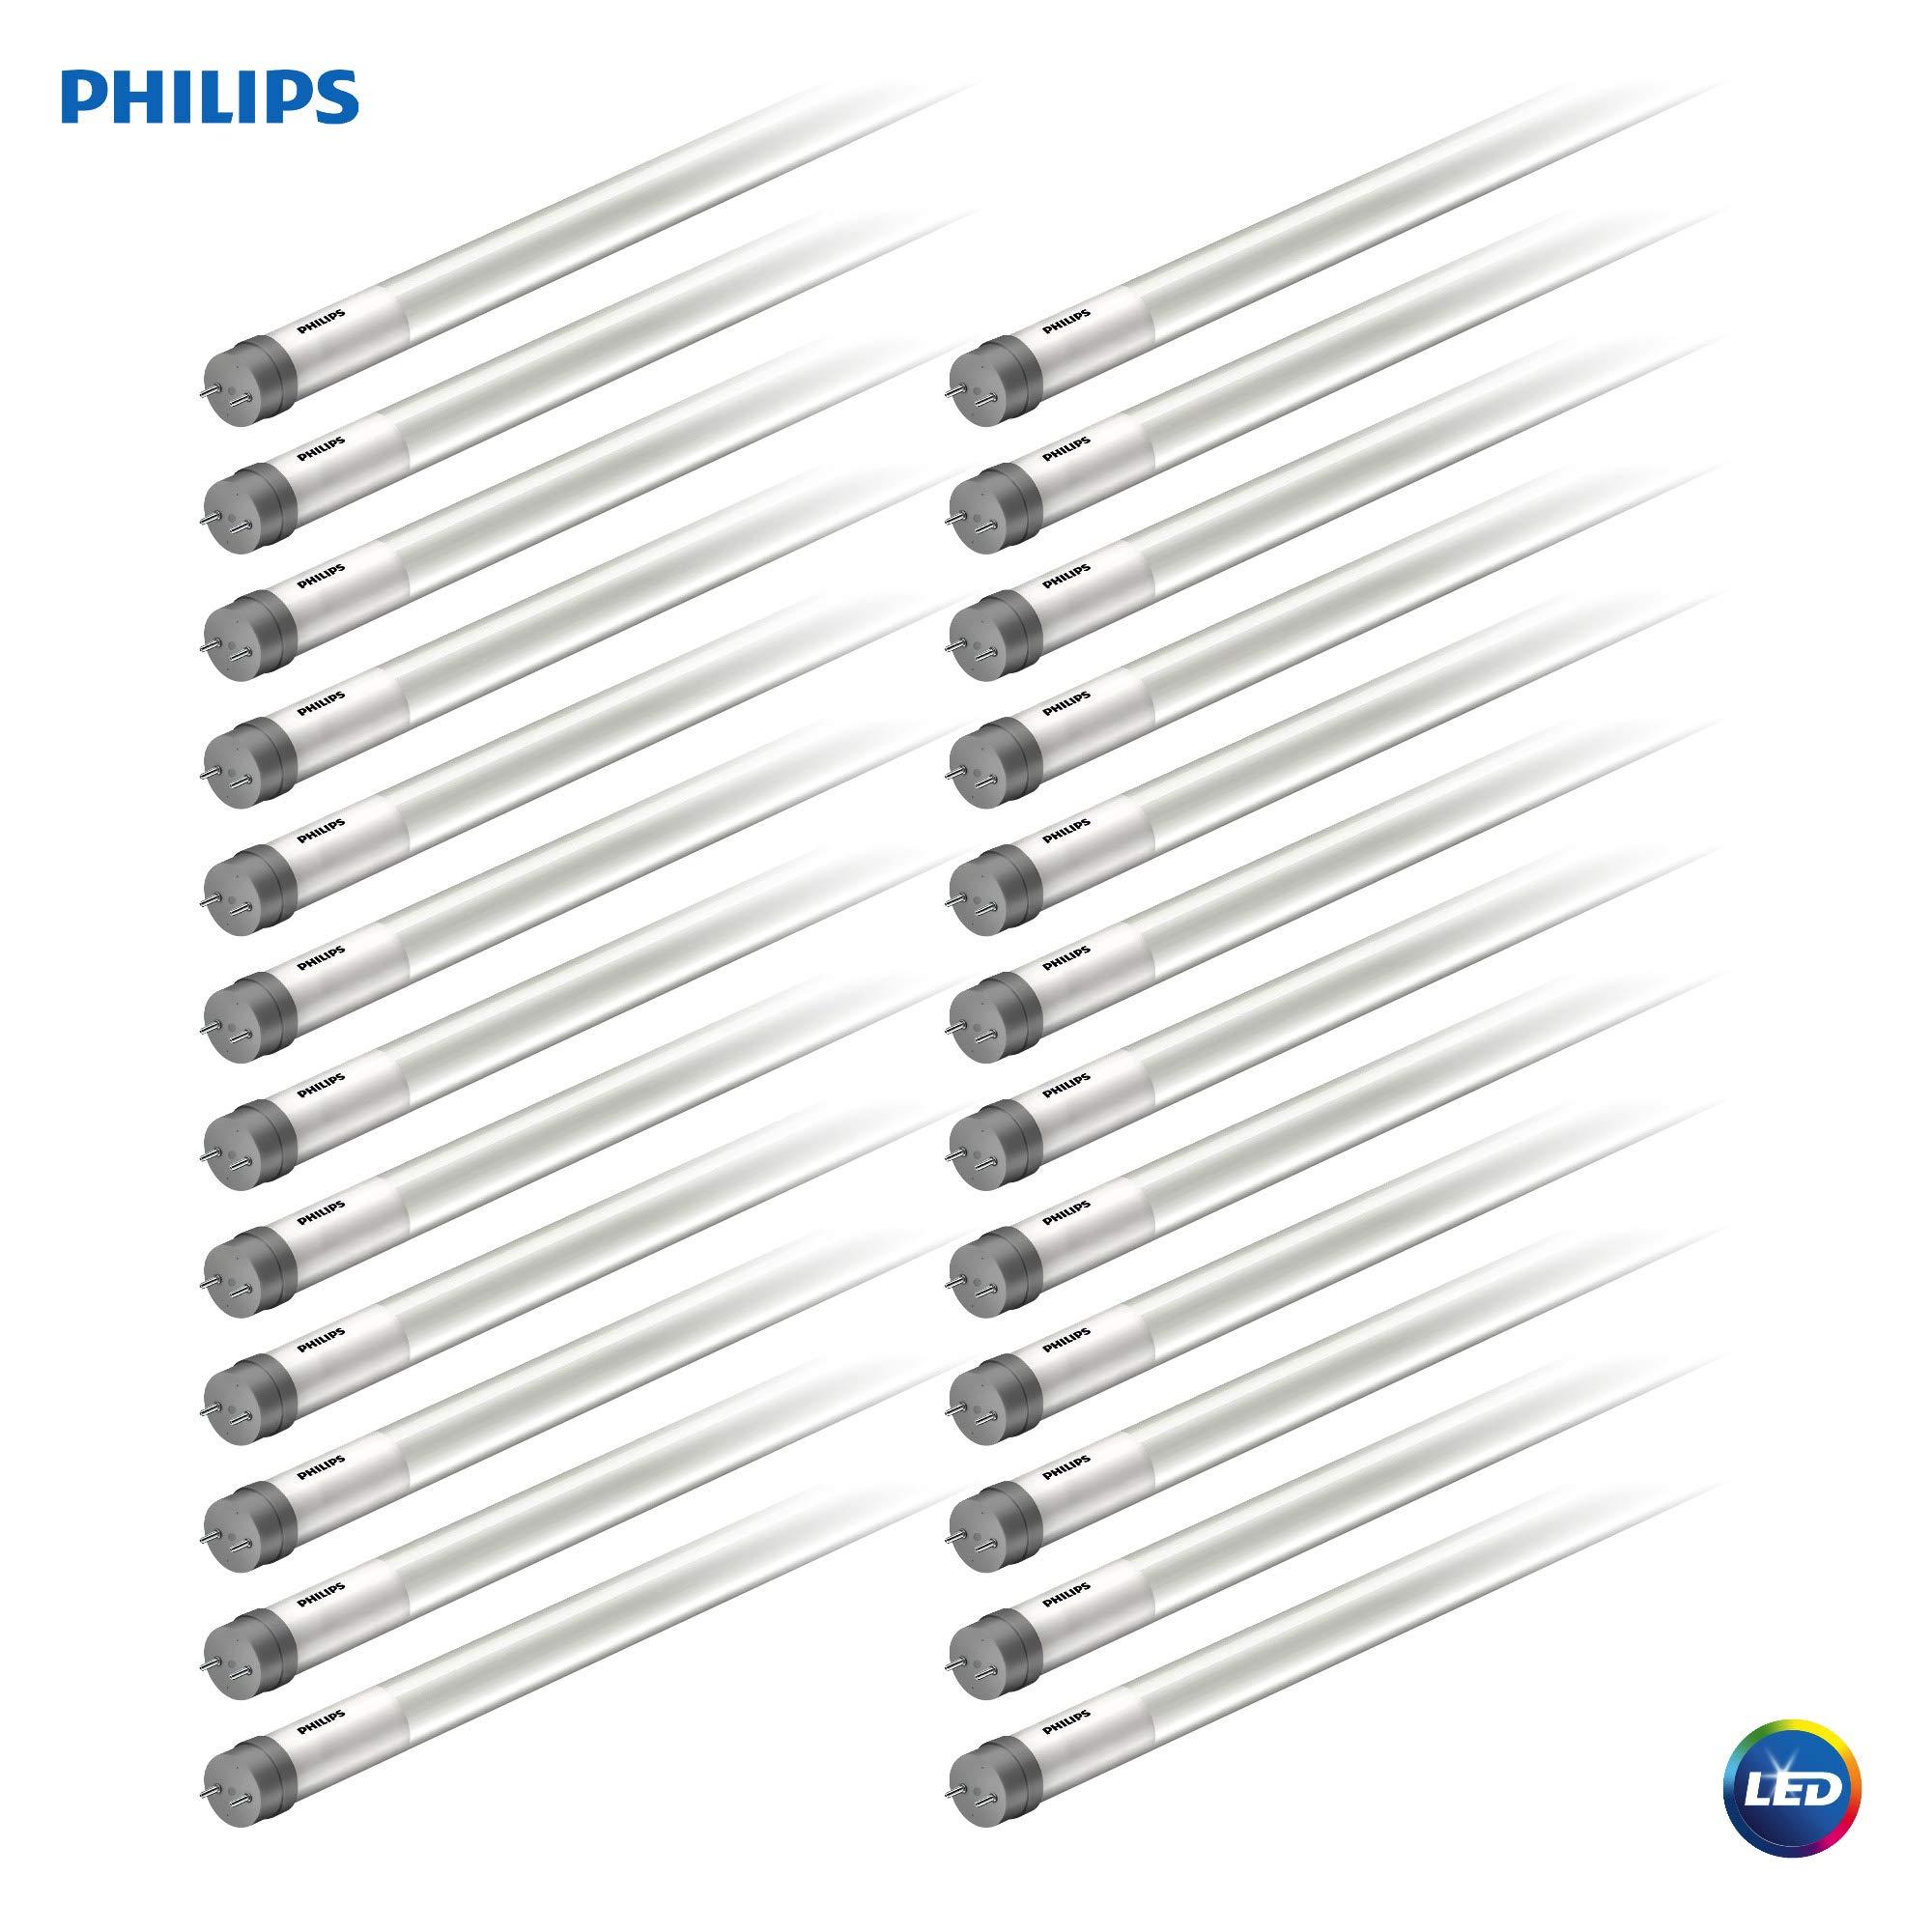 Philips LED MainsFit Ballast Bypass 4-Foot T8 Tube Glass Light Bulb: 1800-Lumen, 4000-Kelvin, 14 (32-Watt Equivalent), Medium Bi-Pin G13 Base, Frosted, Cool White, 24 Pack, 544189, 4000 Kelvin, Piece